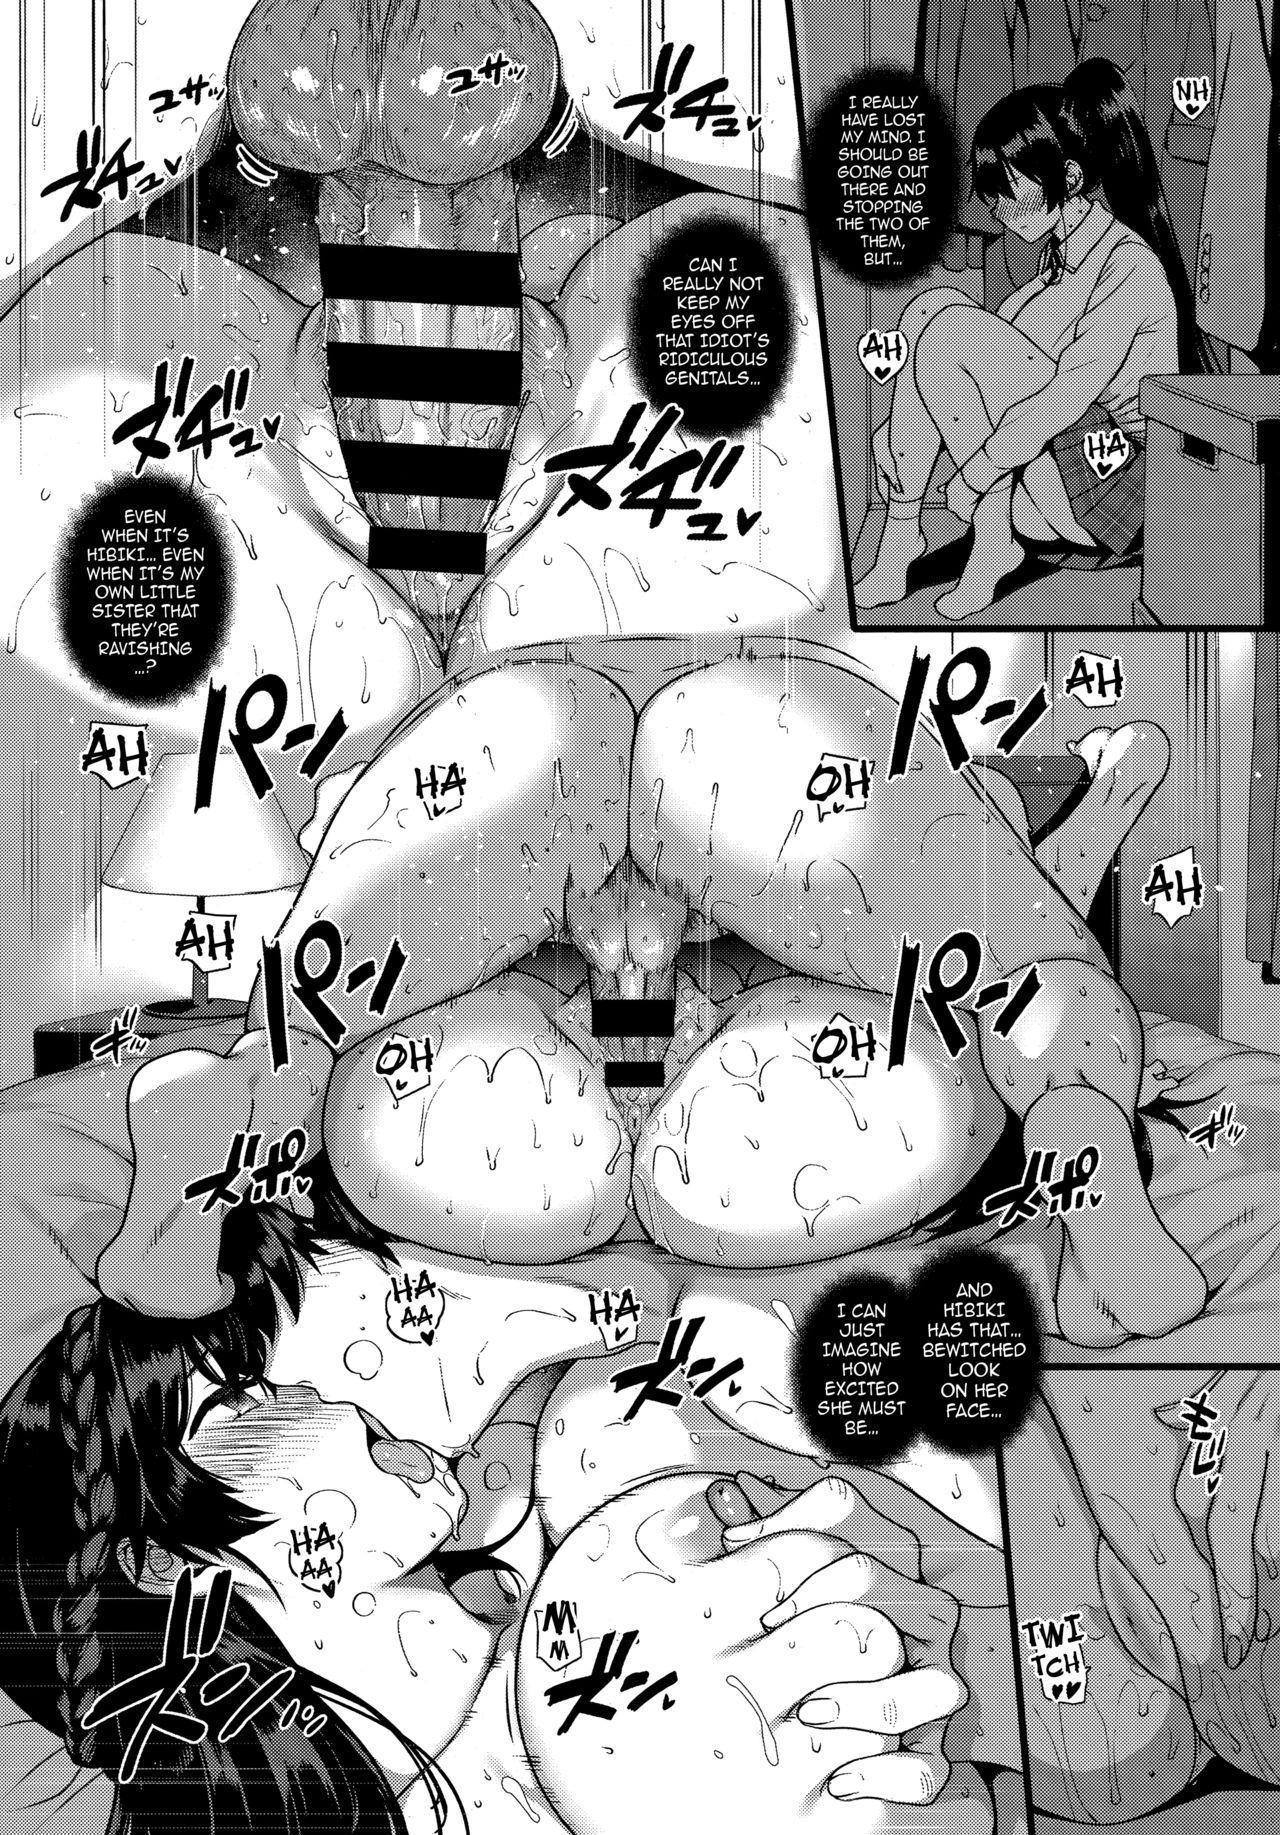 [Katsurai Yoshiaki] Amatsuka Gakuen no Ryoukan Seikatsu | Angel Academy's Hardcore Dorm Sex Life 1-2, 4-8 [English] {darknight} [Digital] 153